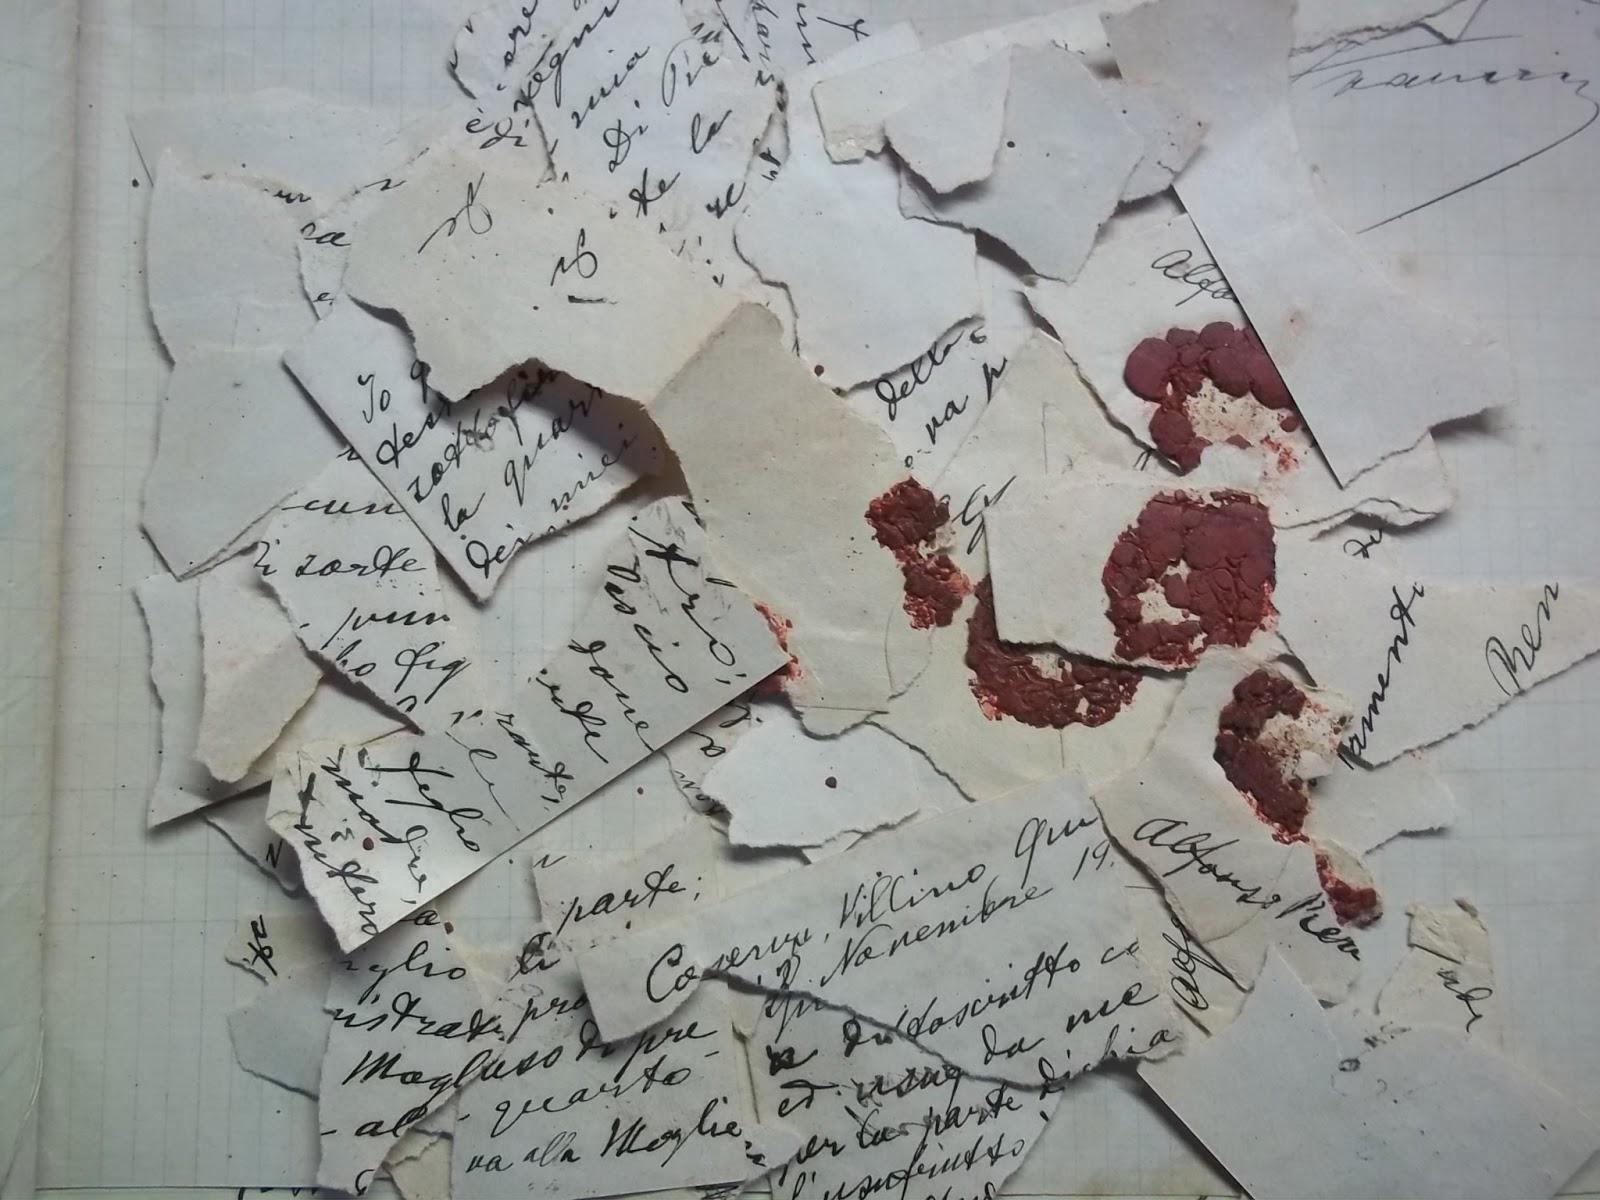 Impossibile dirlo perché i pezzi di carta sono cos¬ malconci che risulta impossibile ricostruire il foglio Il 26 marzo 1918 a tre mesi dalla morte del